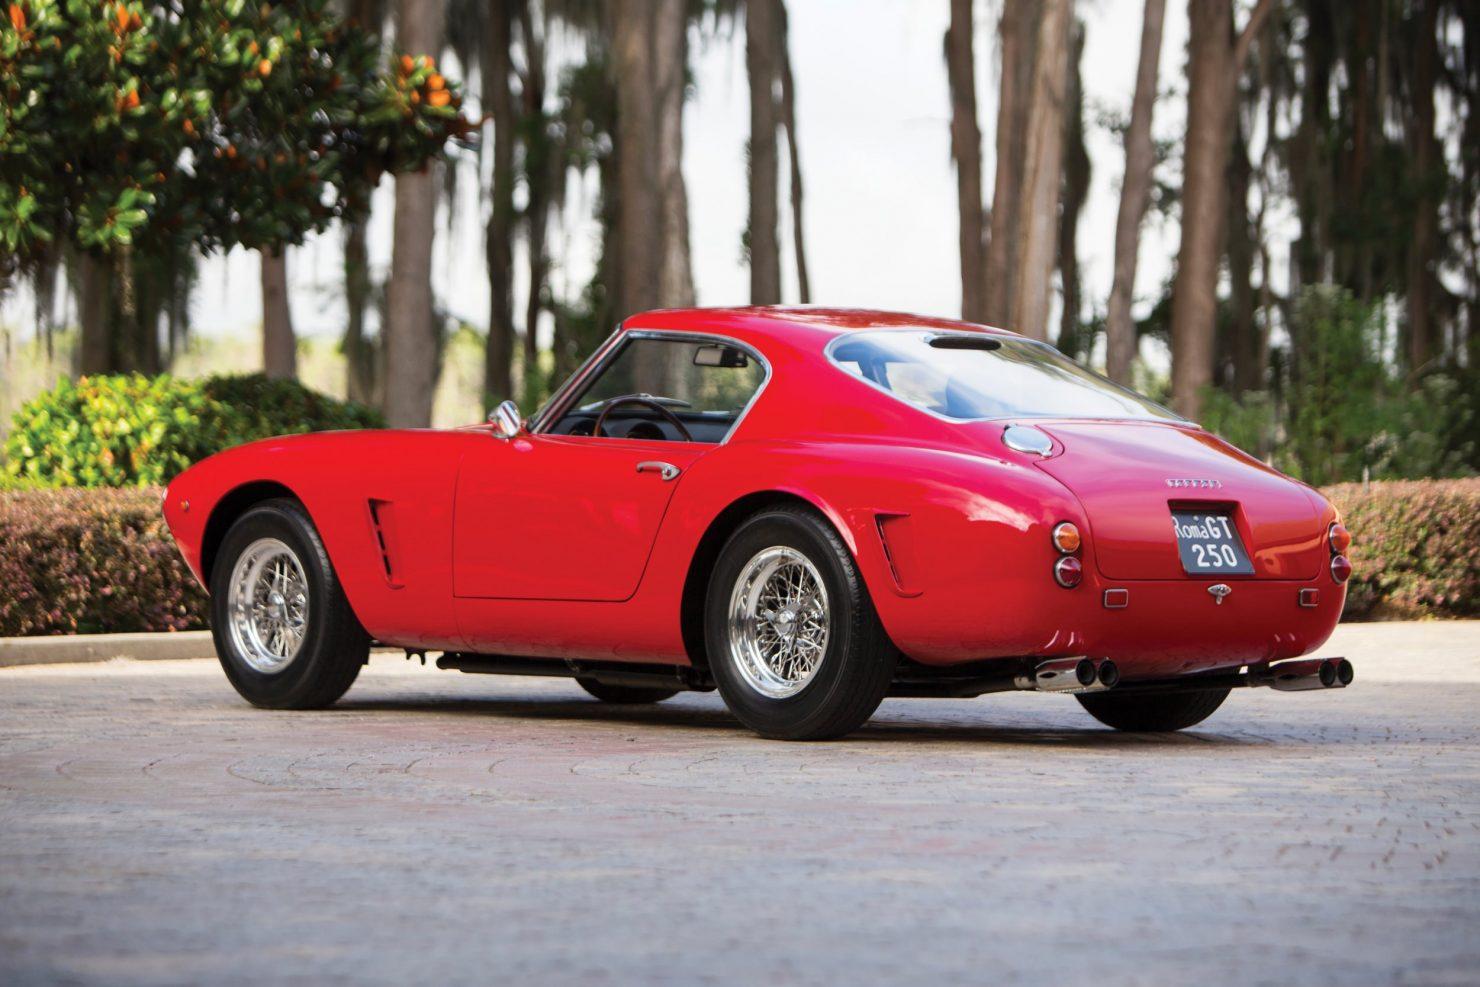 ferrari 250 gt swb car 2 1480x987 - 1960 Ferrari 250 GT SWB Competizione